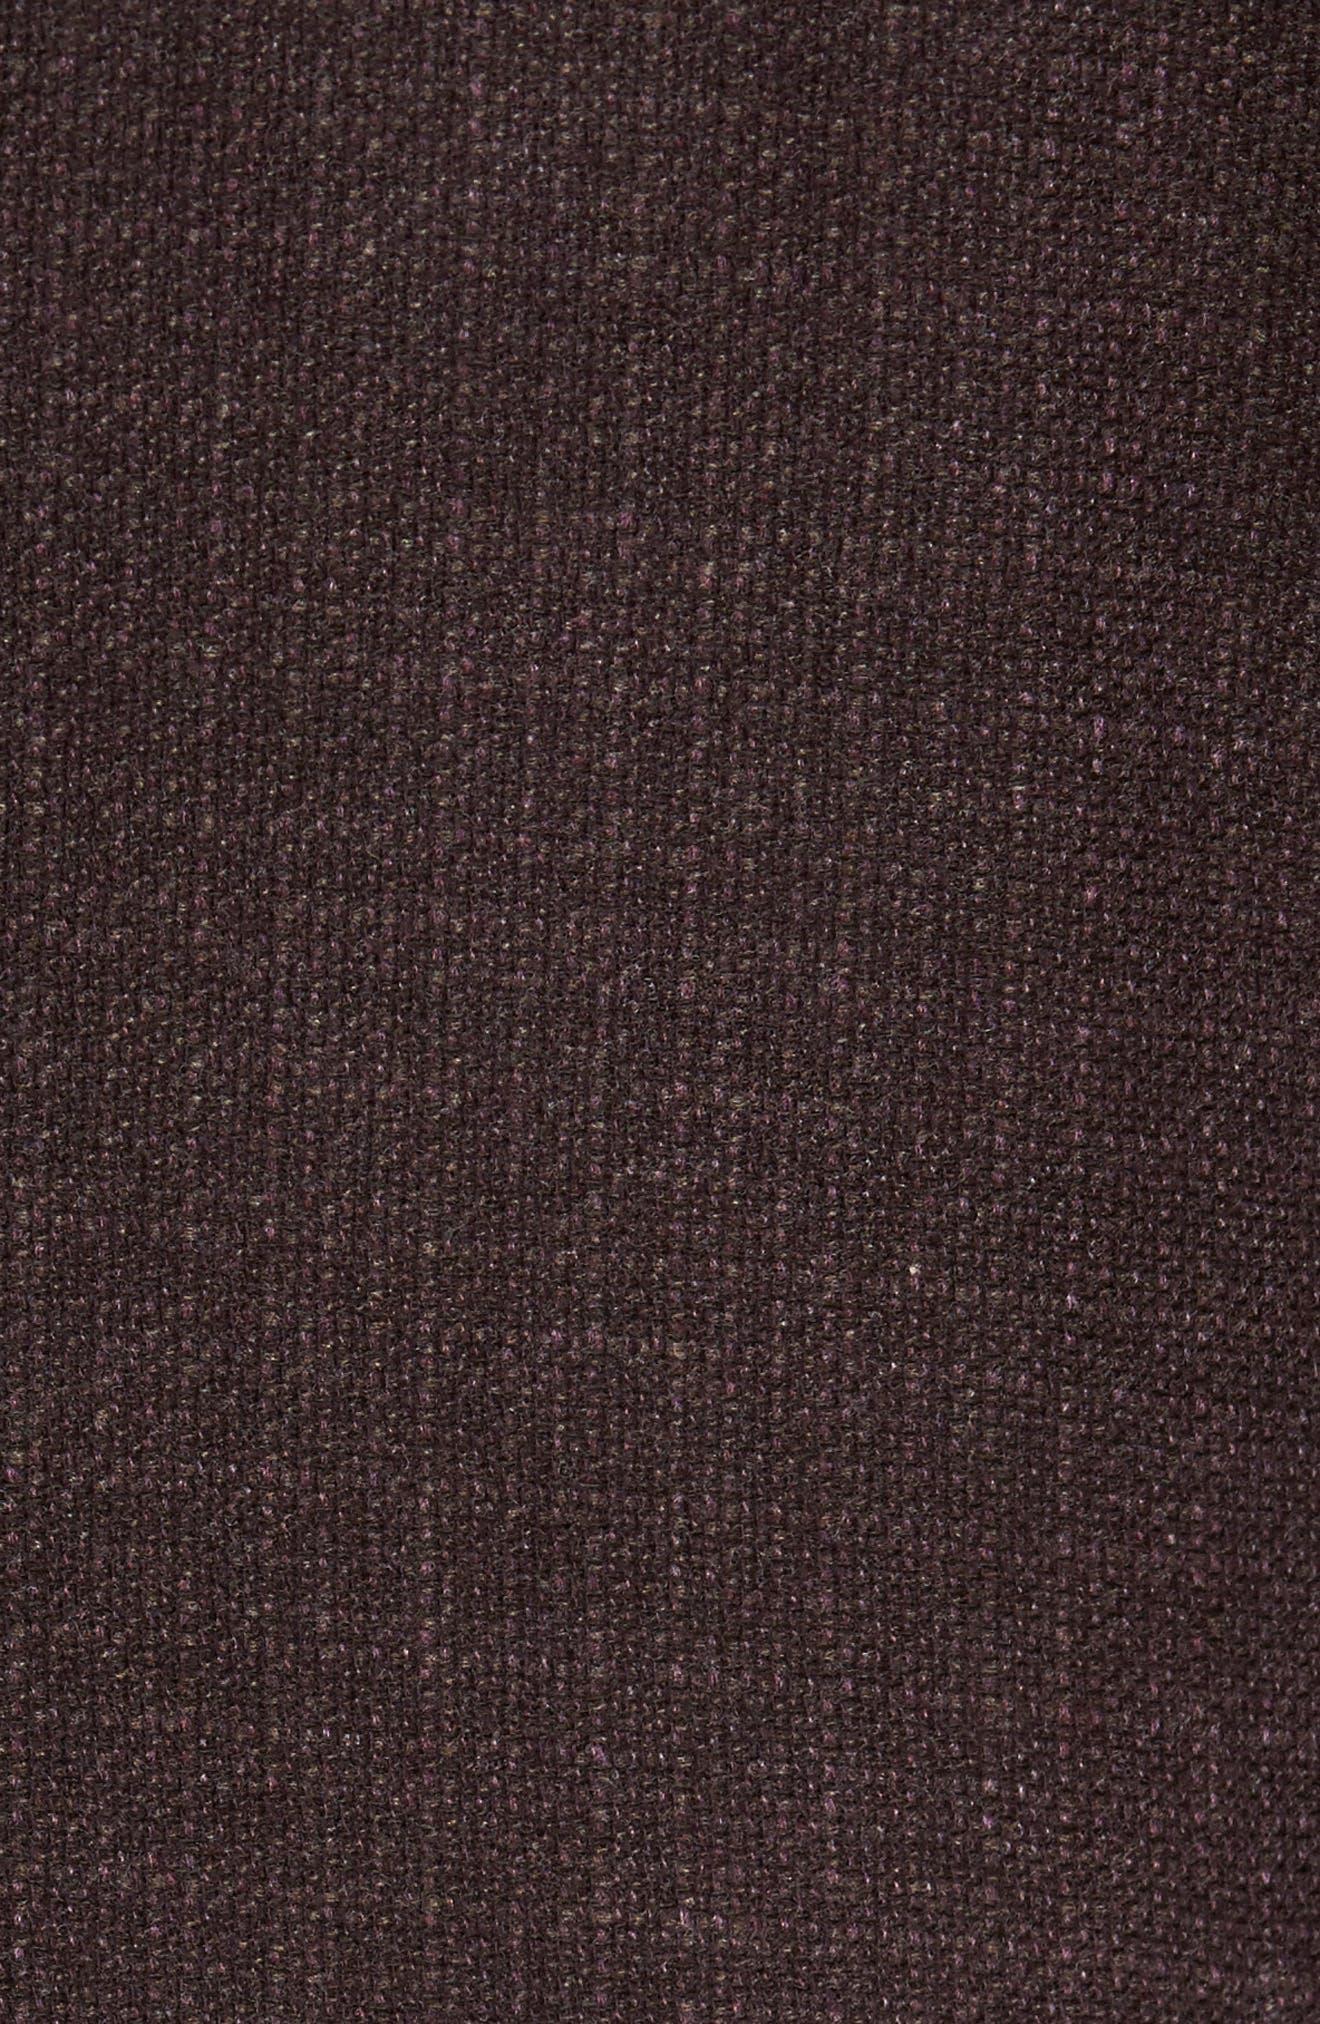 Trim Fit Wool & Cashmere Blazer,                             Alternate thumbnail 6, color,                             932